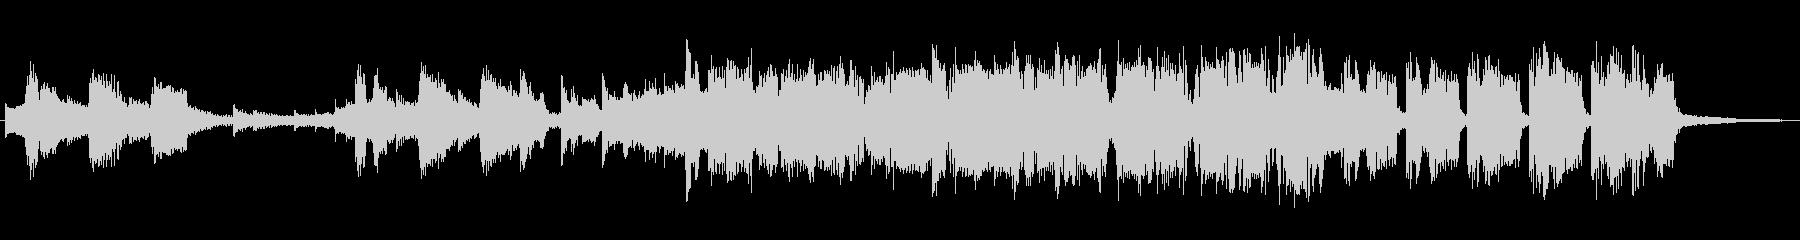 フューチャー系EDMの15秒ジングルの未再生の波形